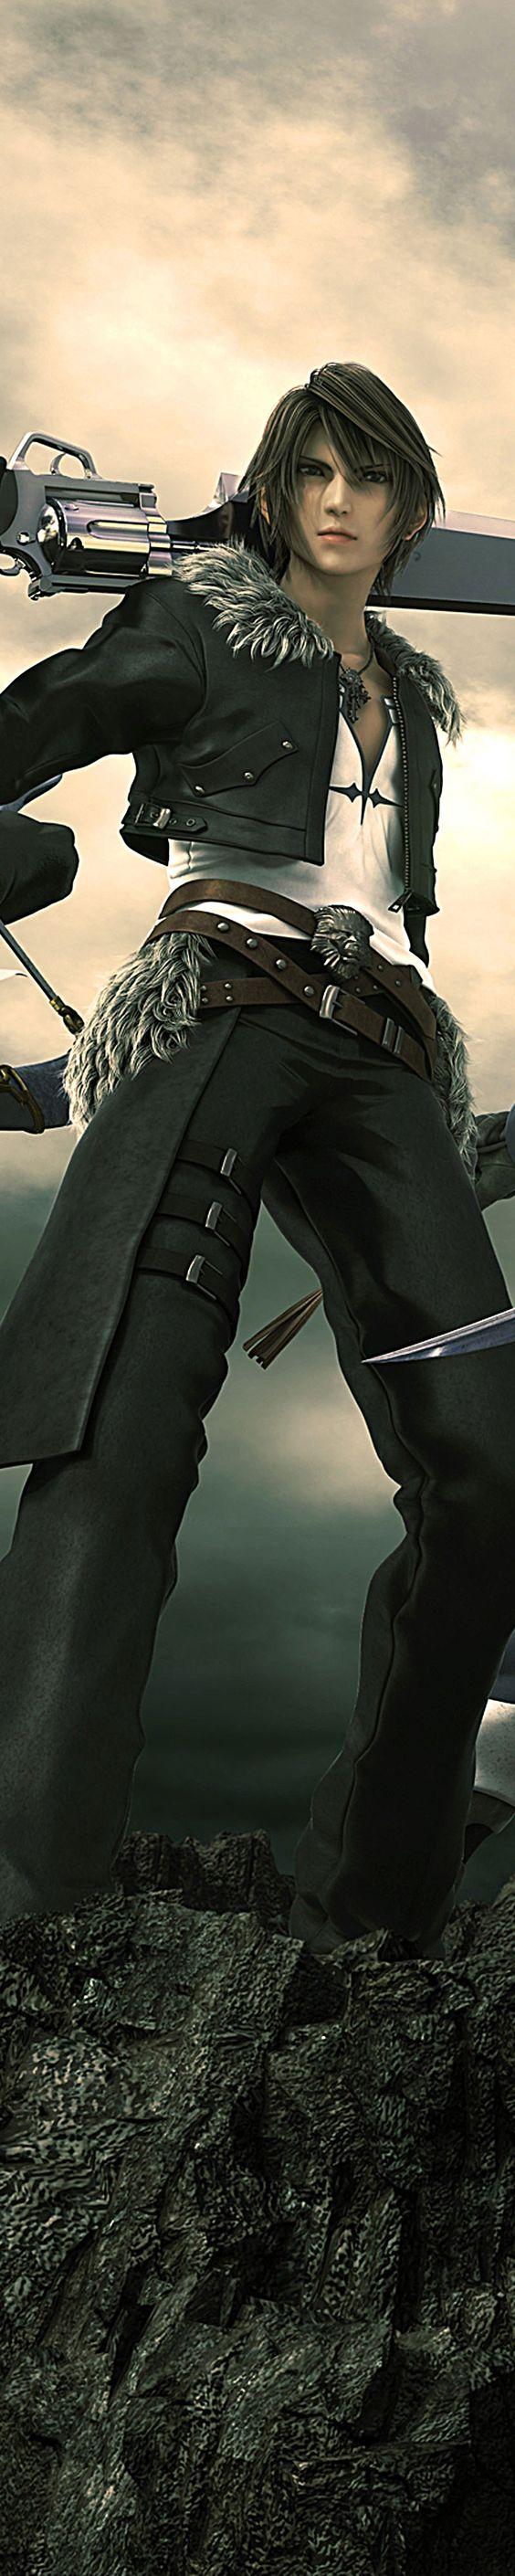 Что ещё не портировали на ПК из Final Fantasy. - Изображение 1